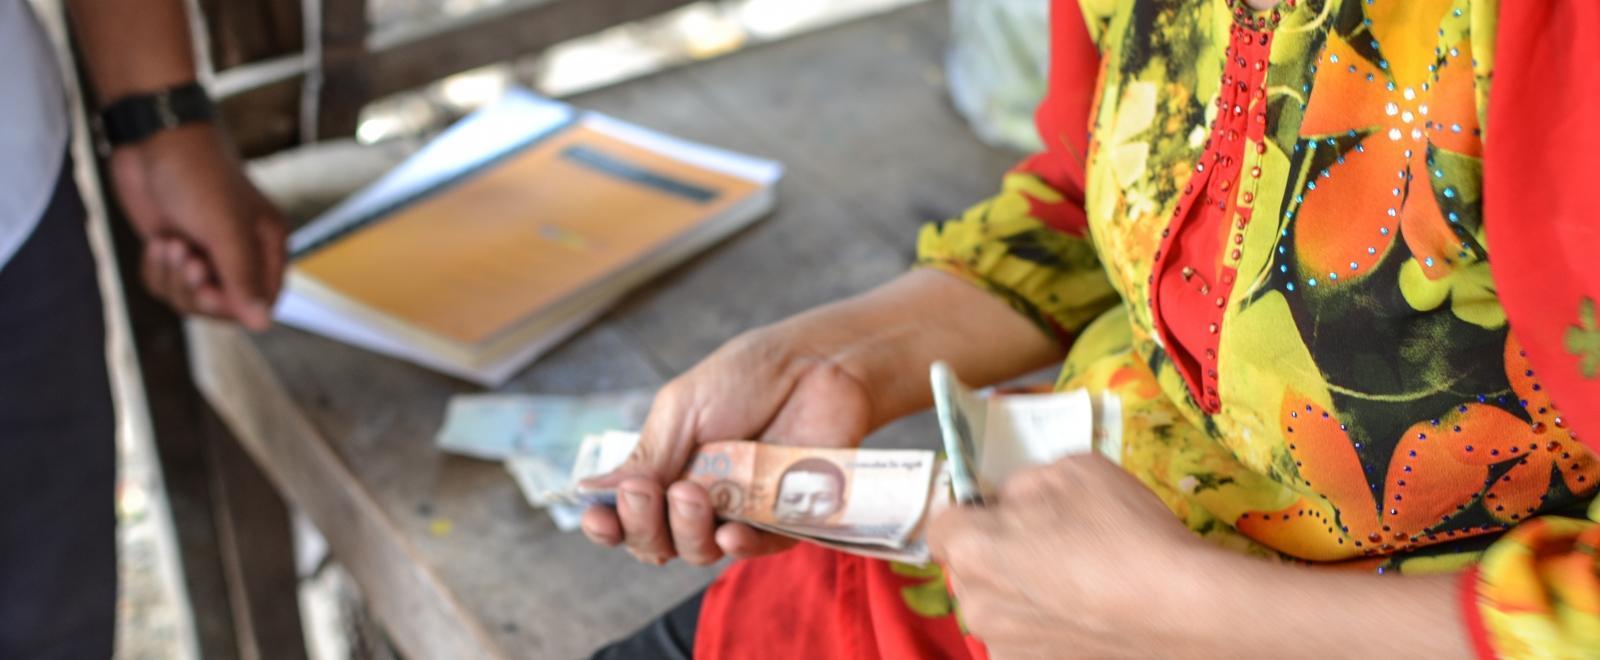 Interna de microfinanzas en Camboya otorgando pequeños créditos.